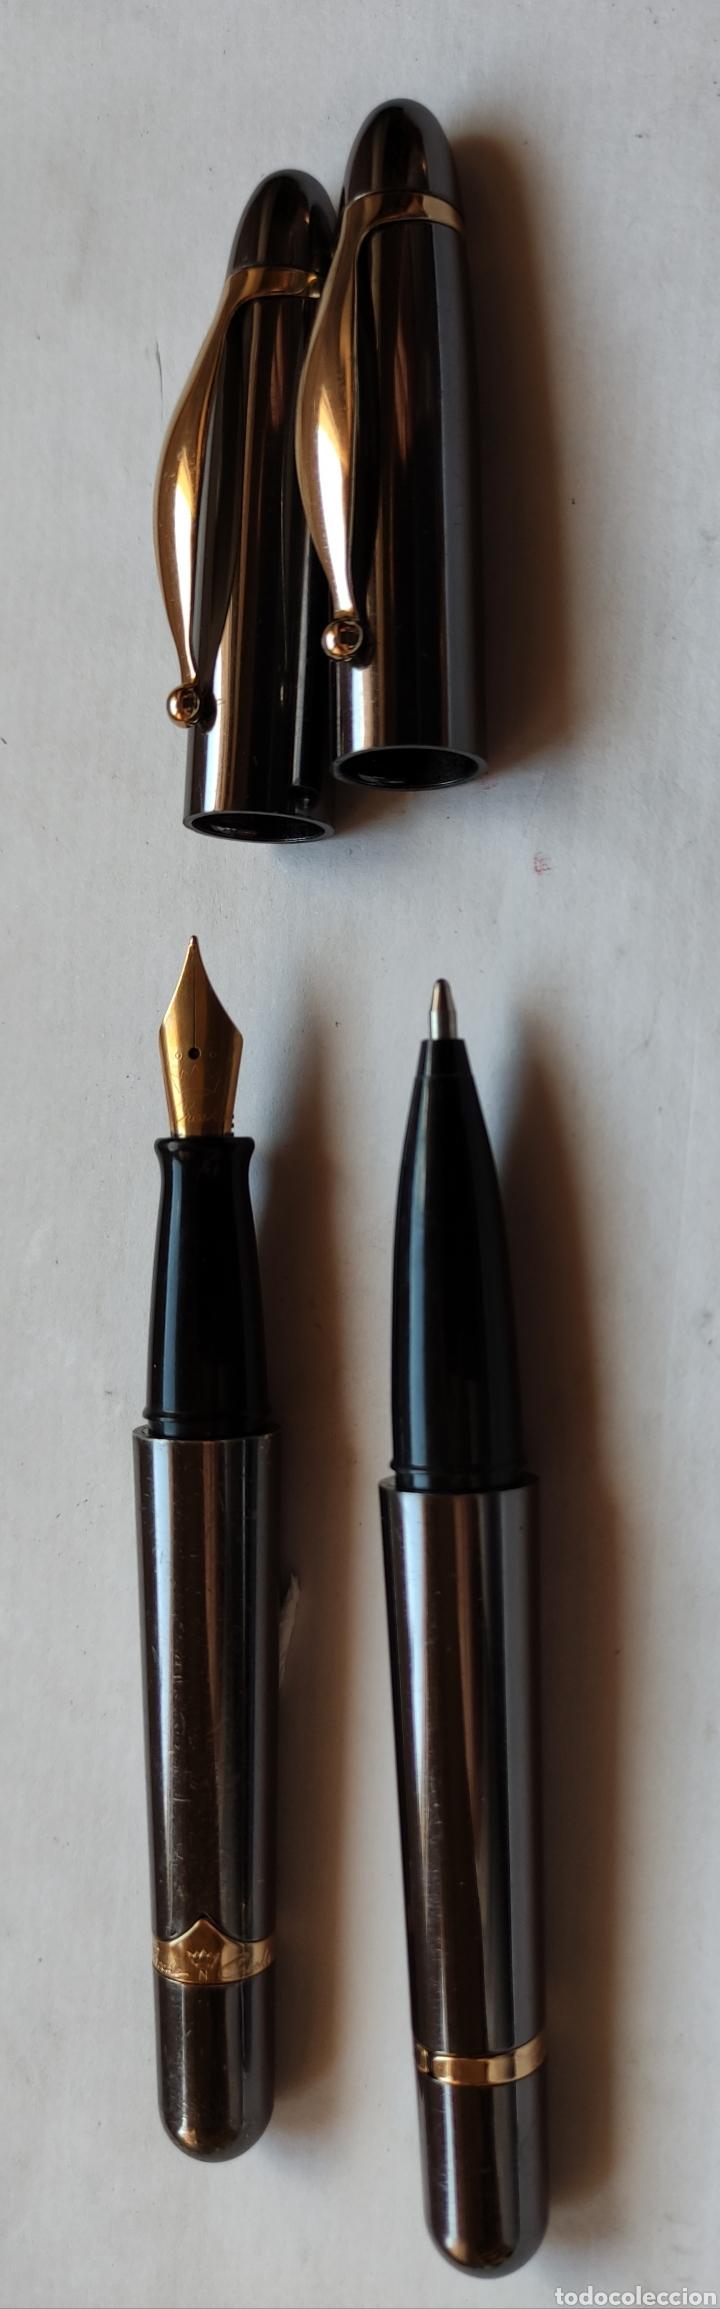 Estilográficas antiguas, bolígrafos y plumas: CREEKS &CREEKS - Foto 4 - 261102250